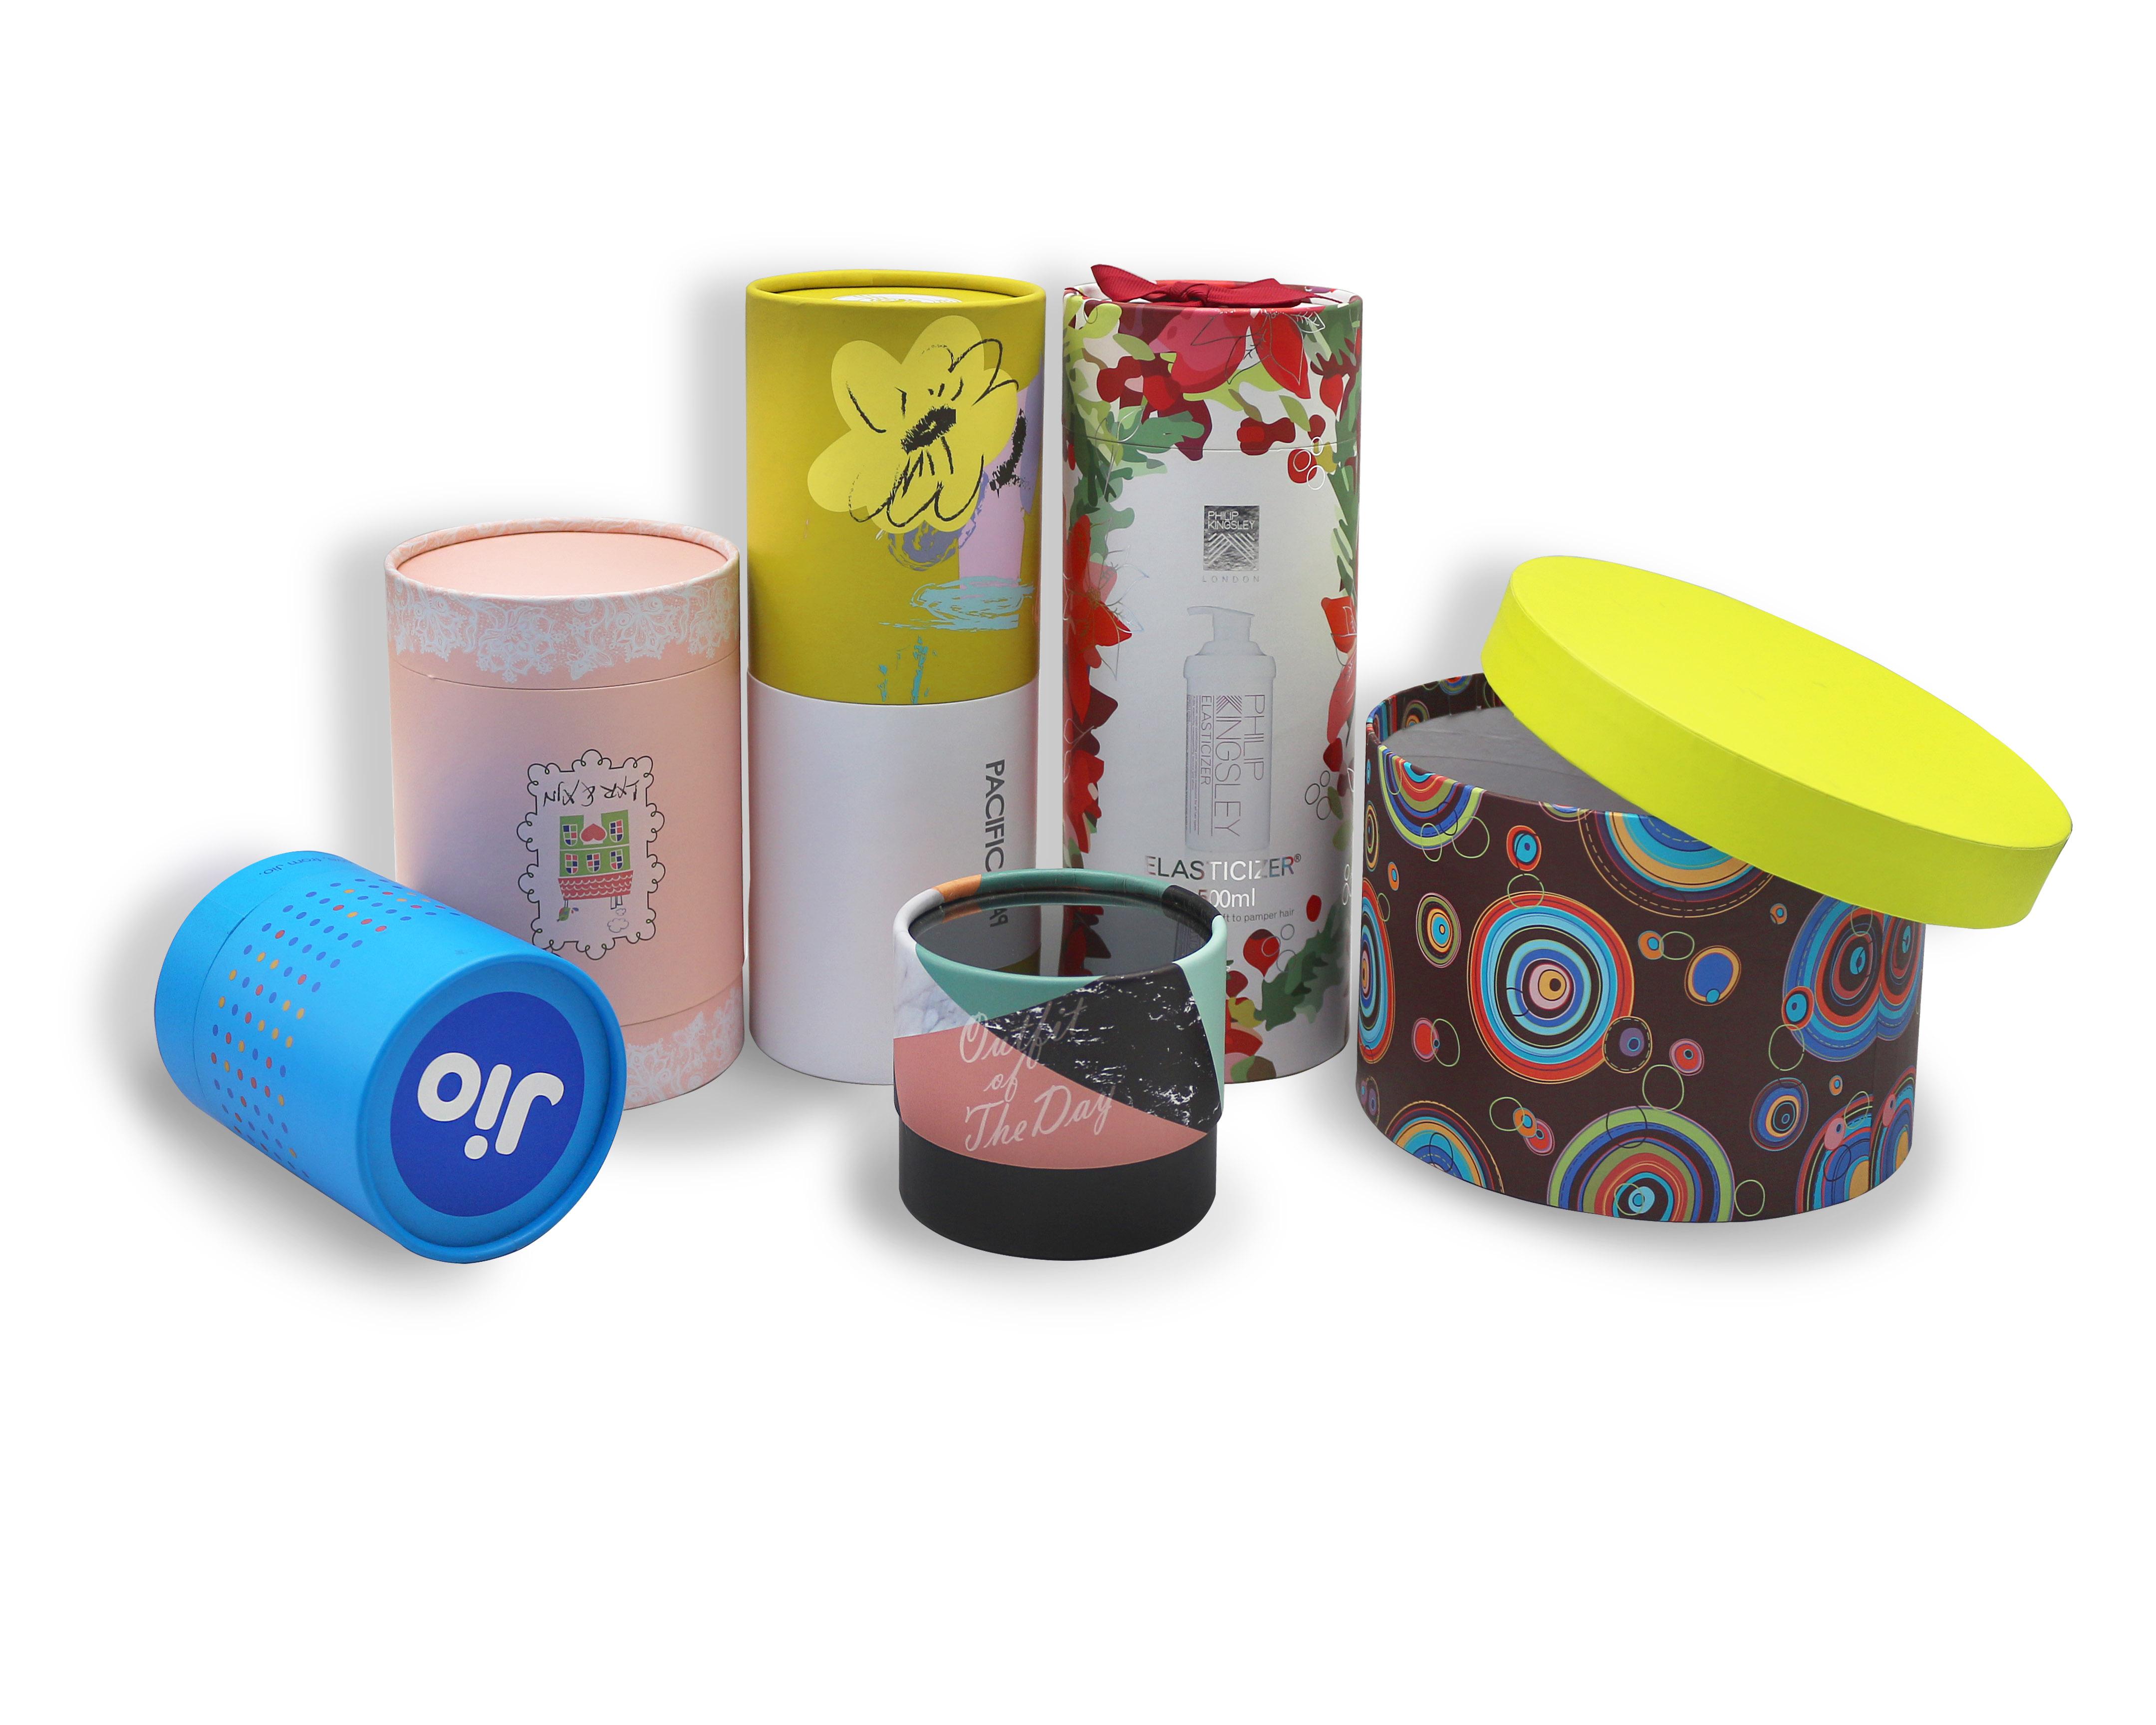 精品圆筒盒牛皮包装盒窗口圆筒手表盒定制生产